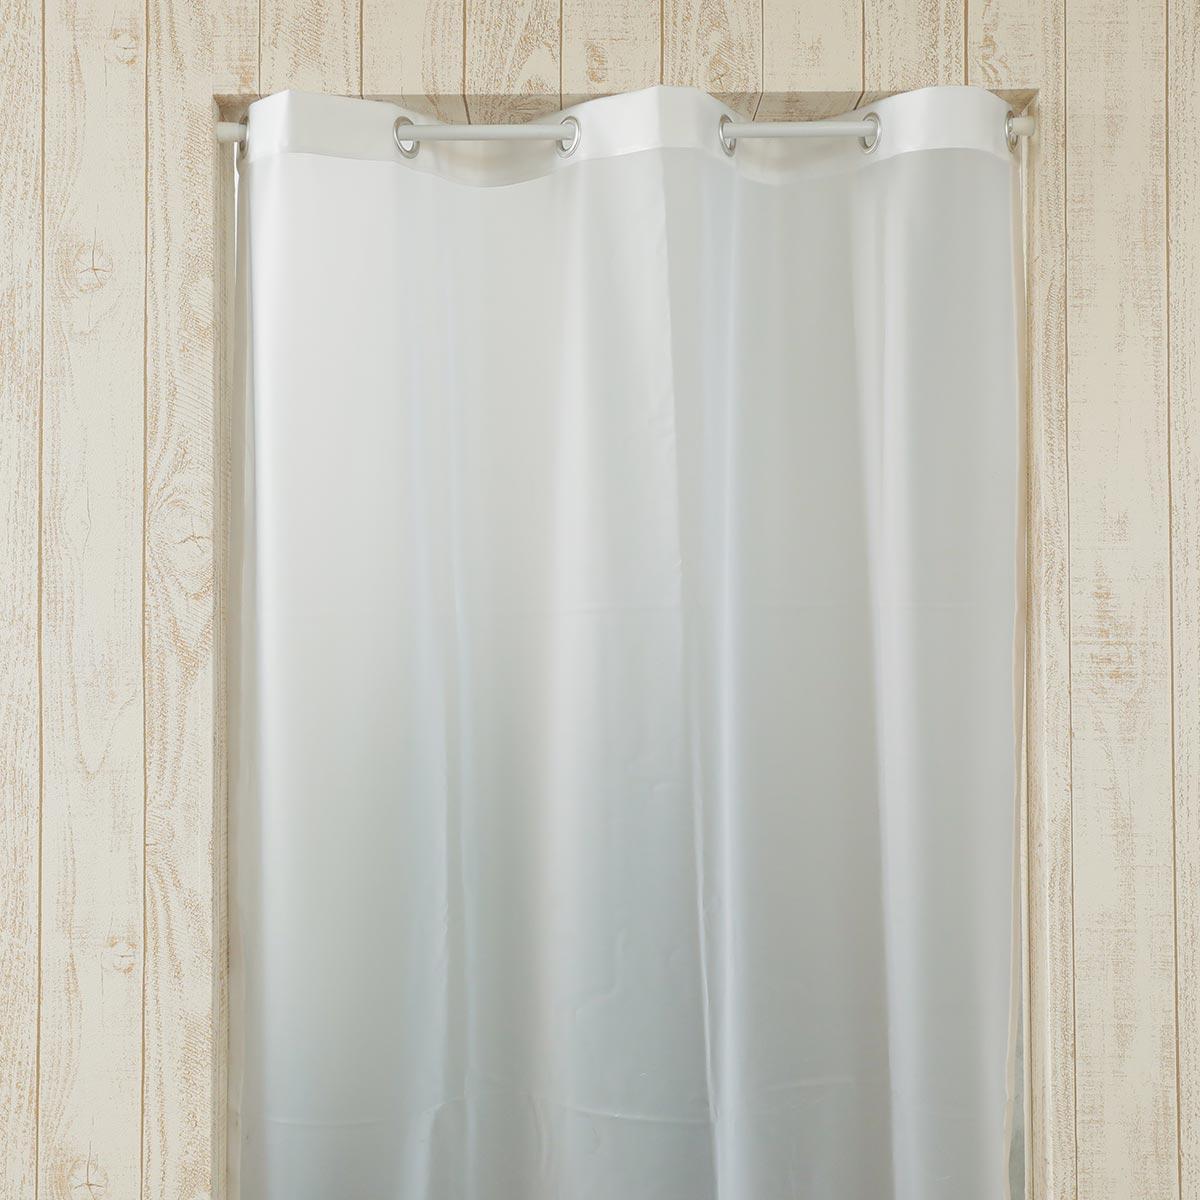 ビニールカーテン『シルエットカーテン ホワイト』イメージ2